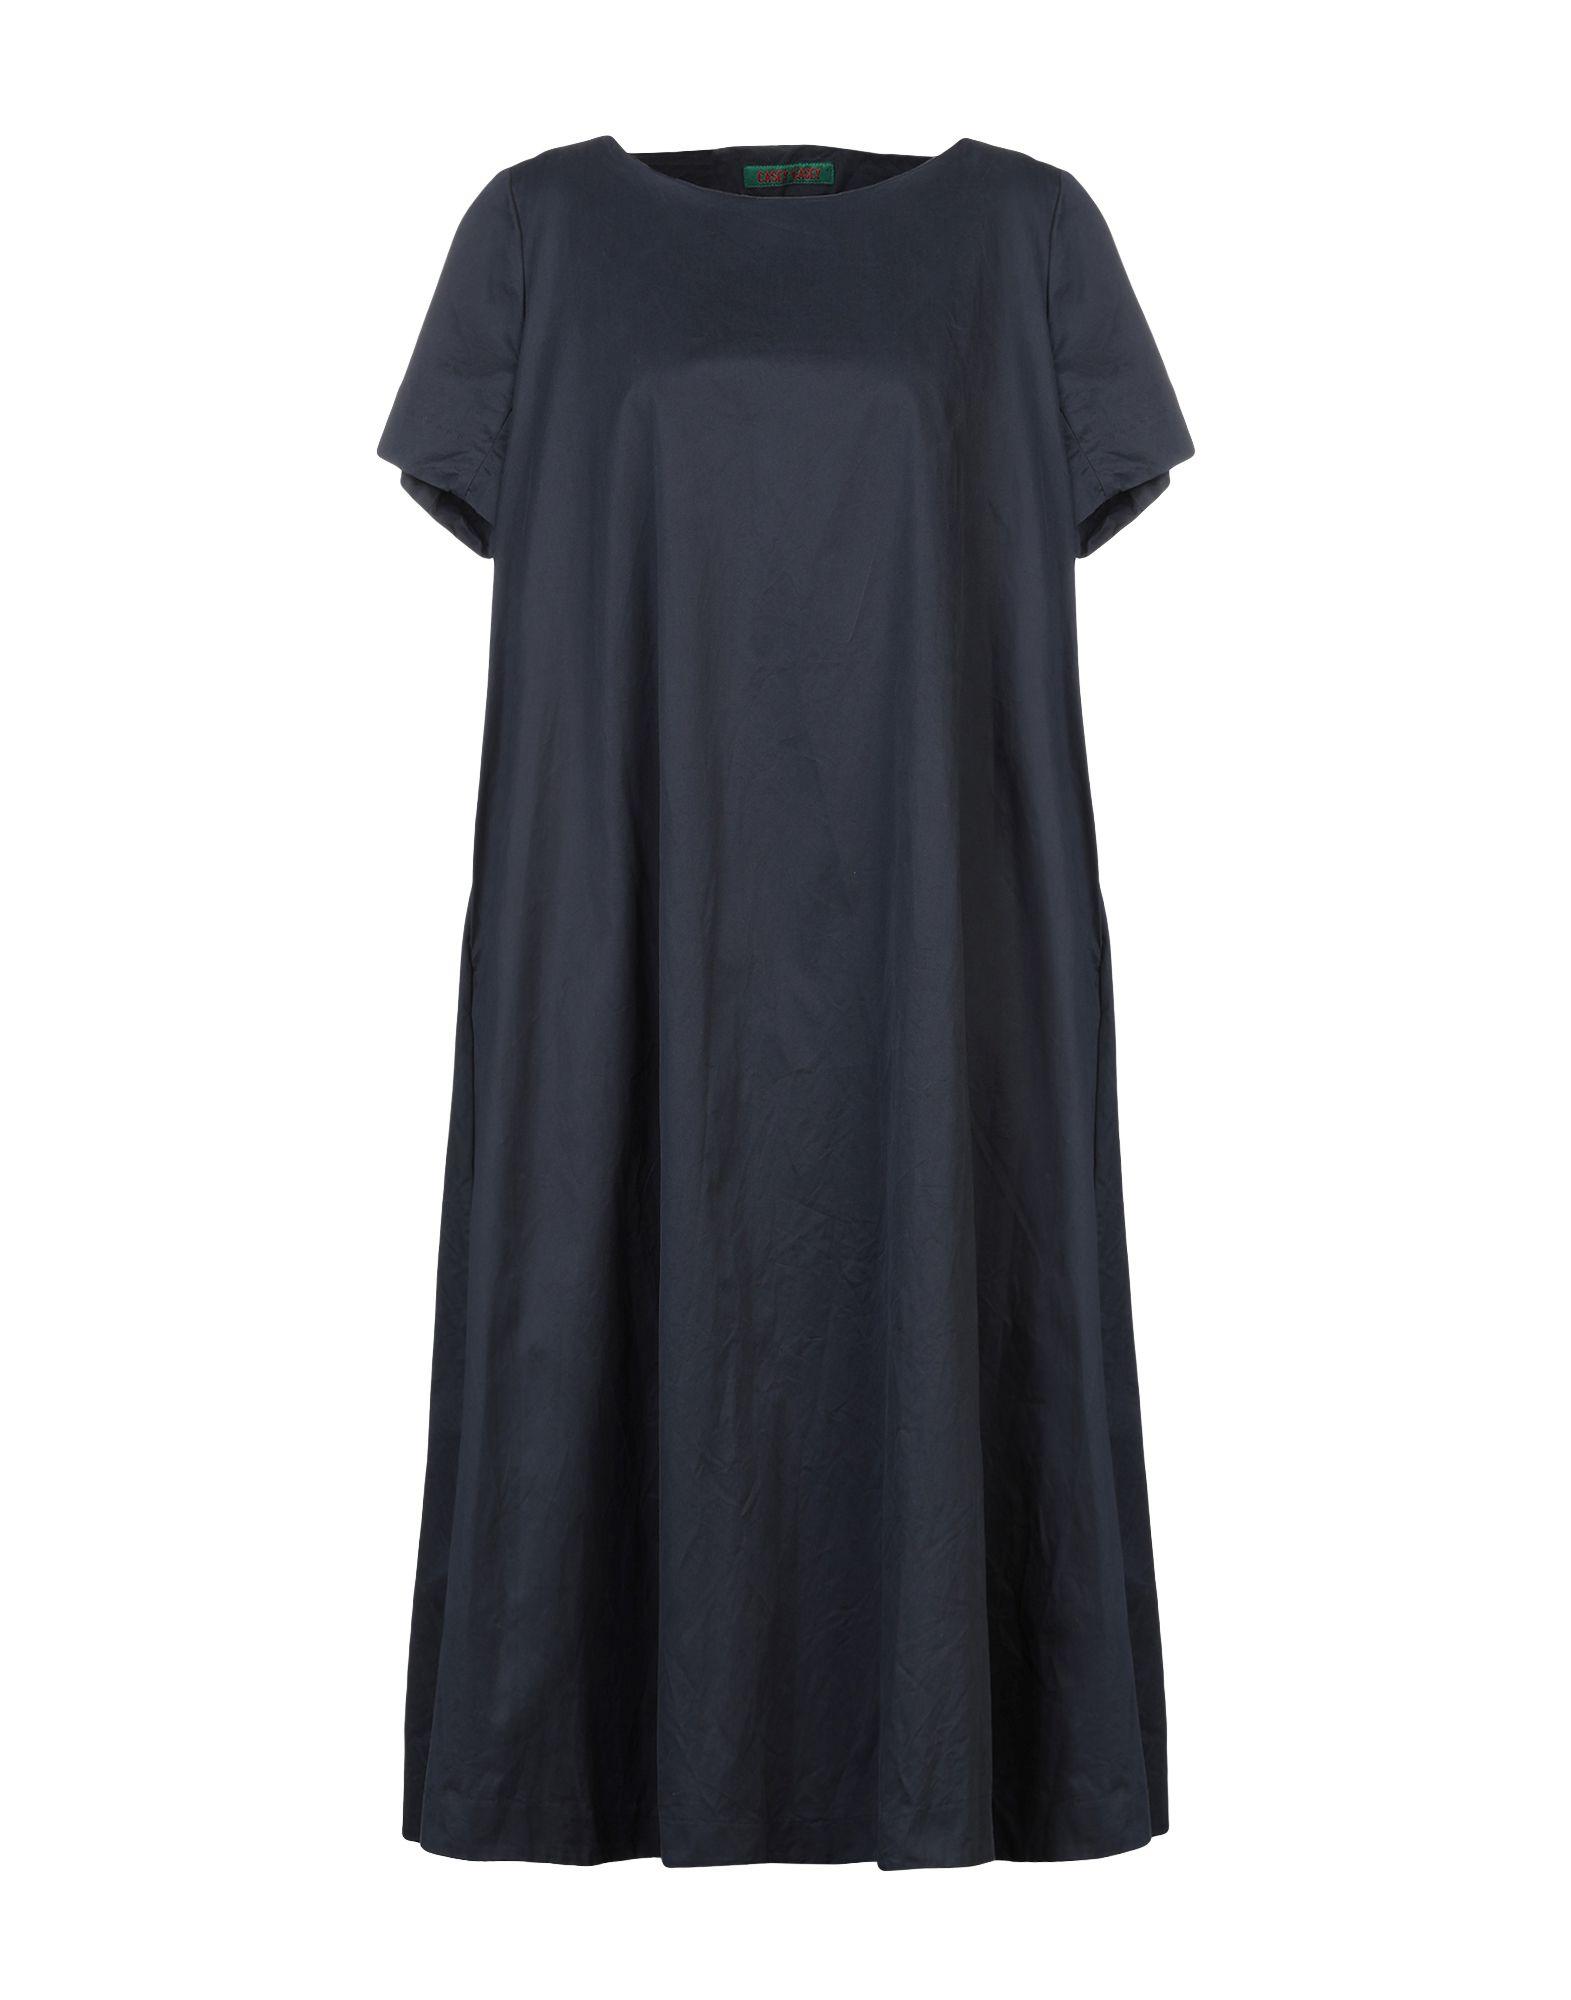 CASEY∘CASEY Платье длиной 3/4 l a casey bracia slater ryder